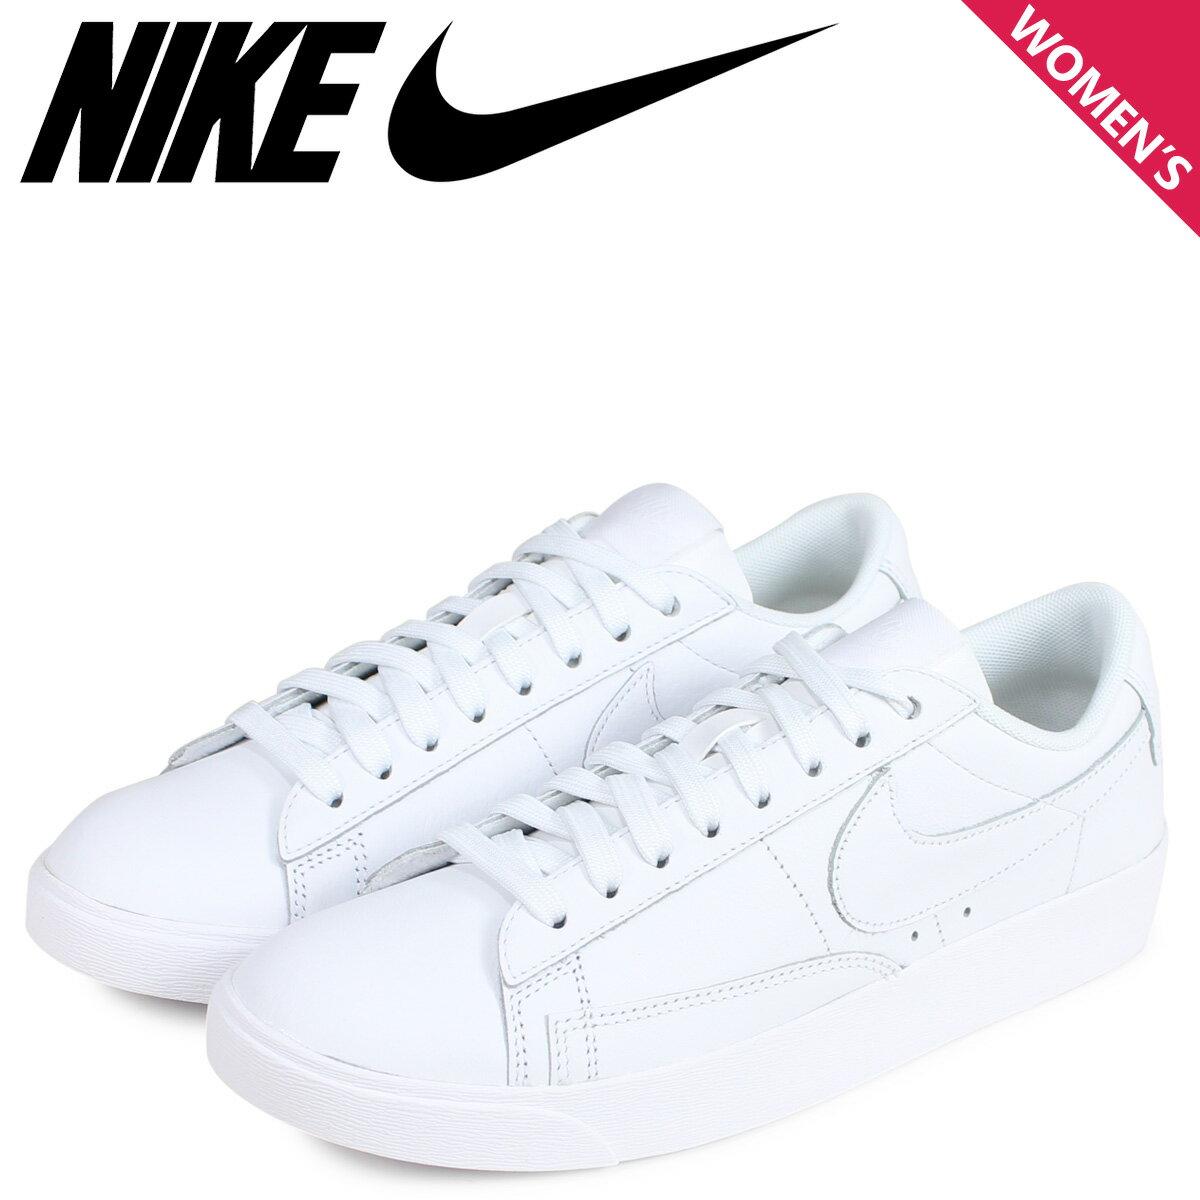 レディース靴, スニーカー 2000OFF NIKE WMNS BLAZER LOW LEATHER AV9370-111 930